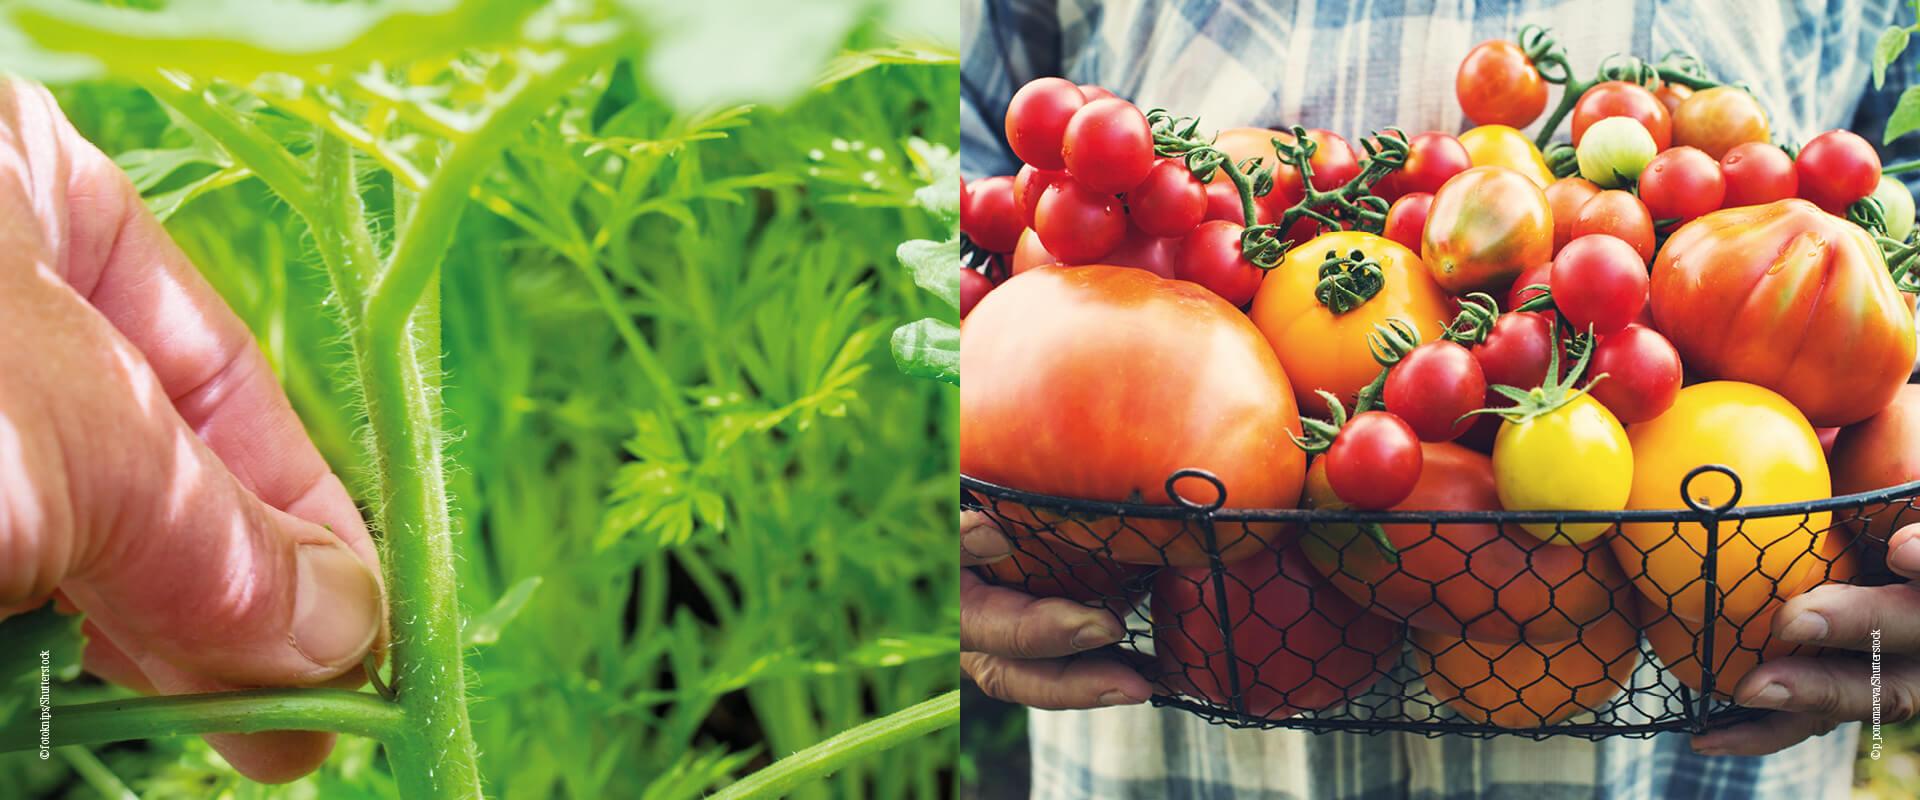 Richtig_ernten_Tomaten